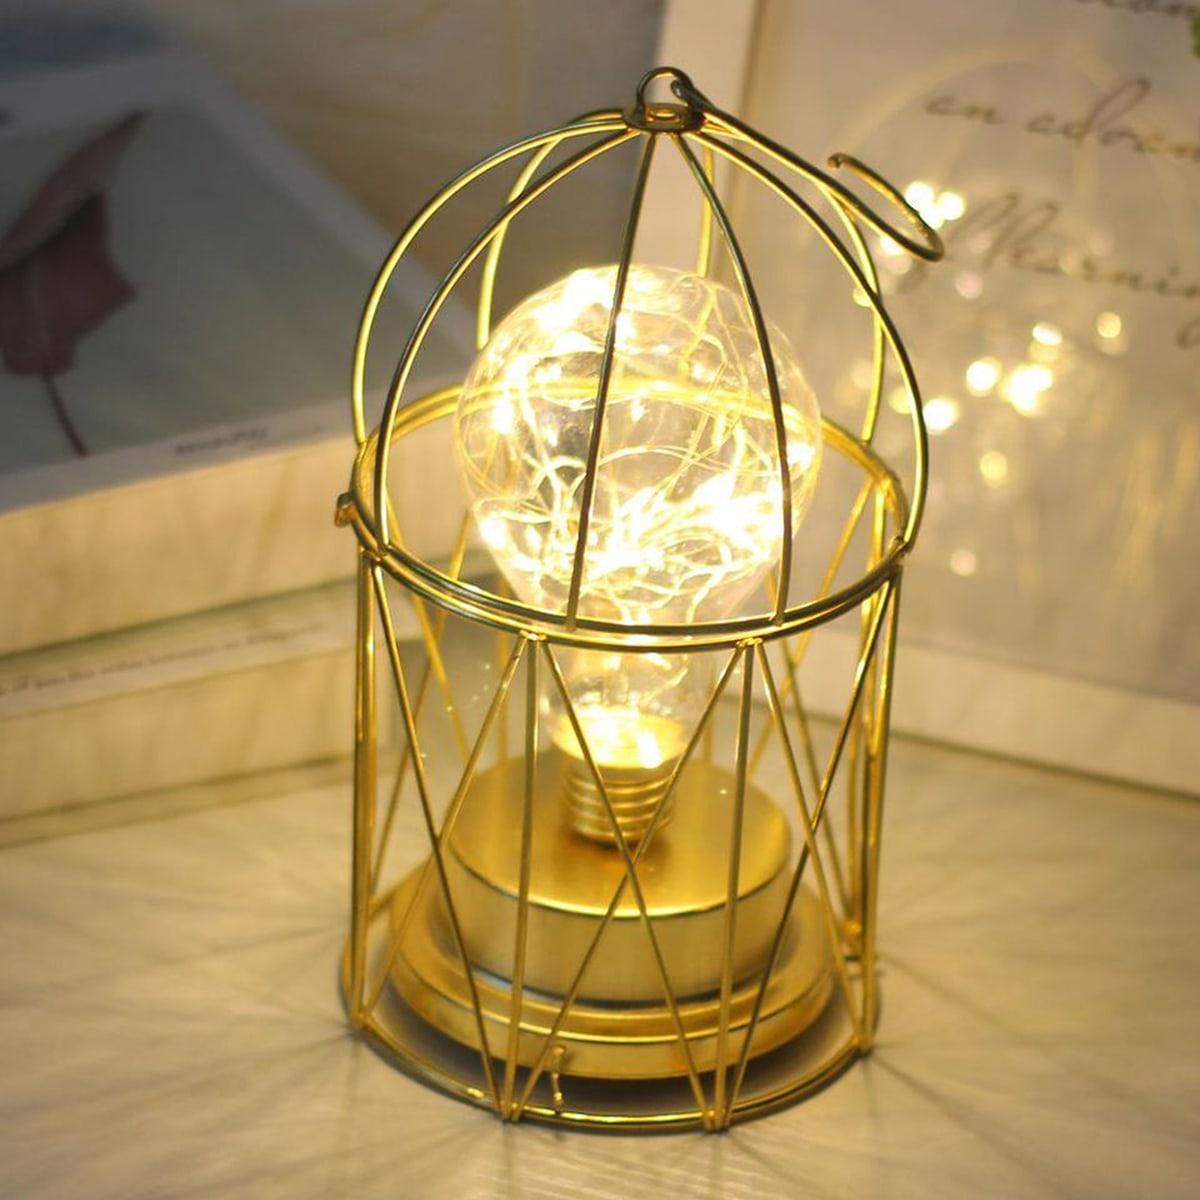 1pc Birdcage-vormige ijzeren nachtlampje